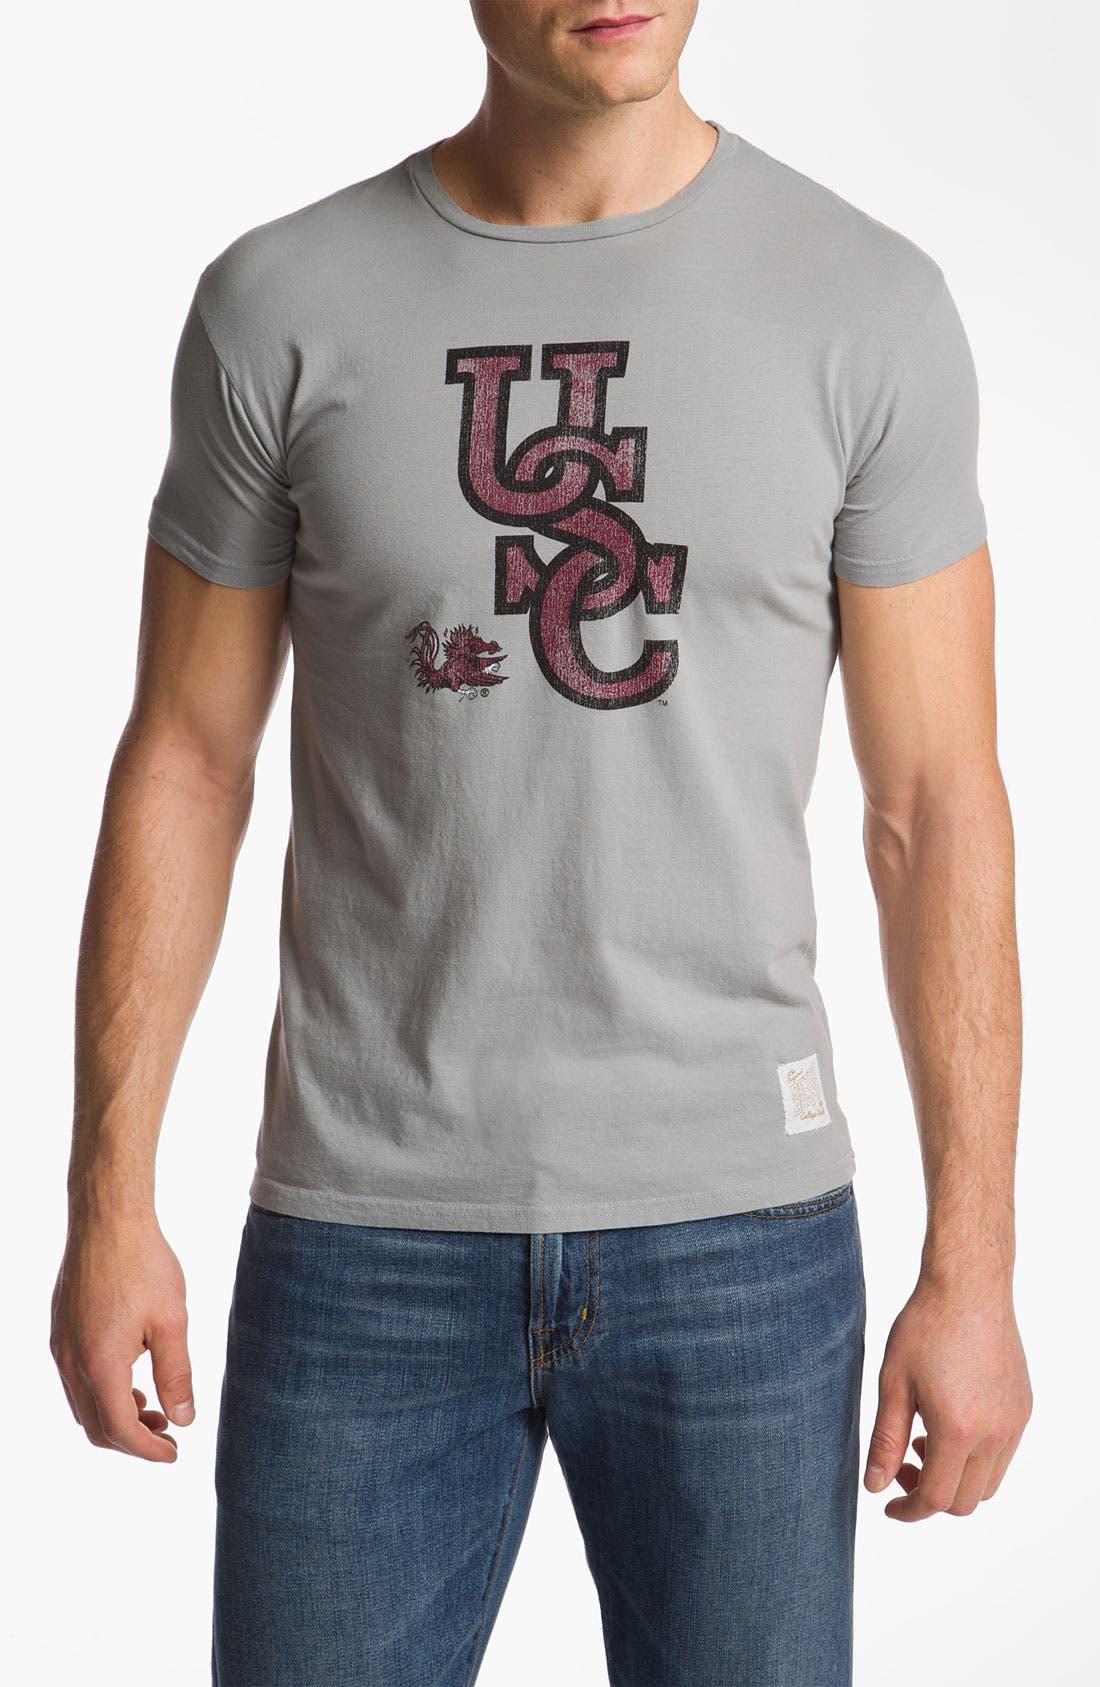 Main Image - The Original Retro Brand 'South Carolina Gamecocks' T-Shirt